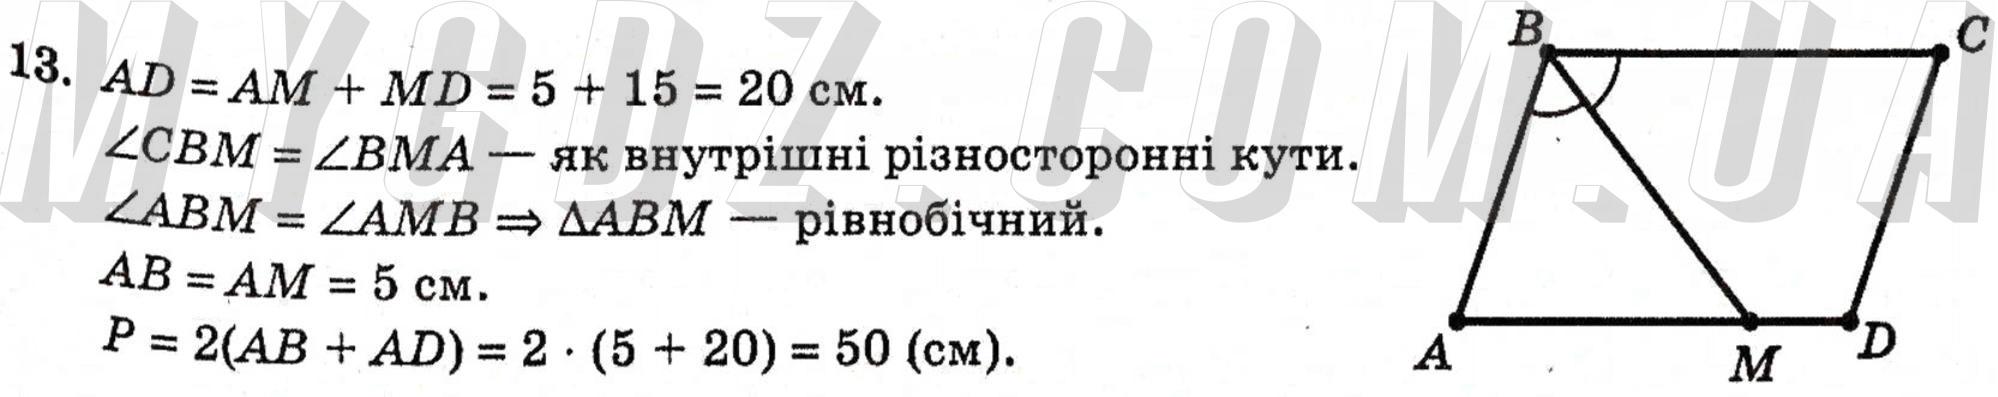 ГДЗ номер 13 2010 Бевз, Бевз 10 клас